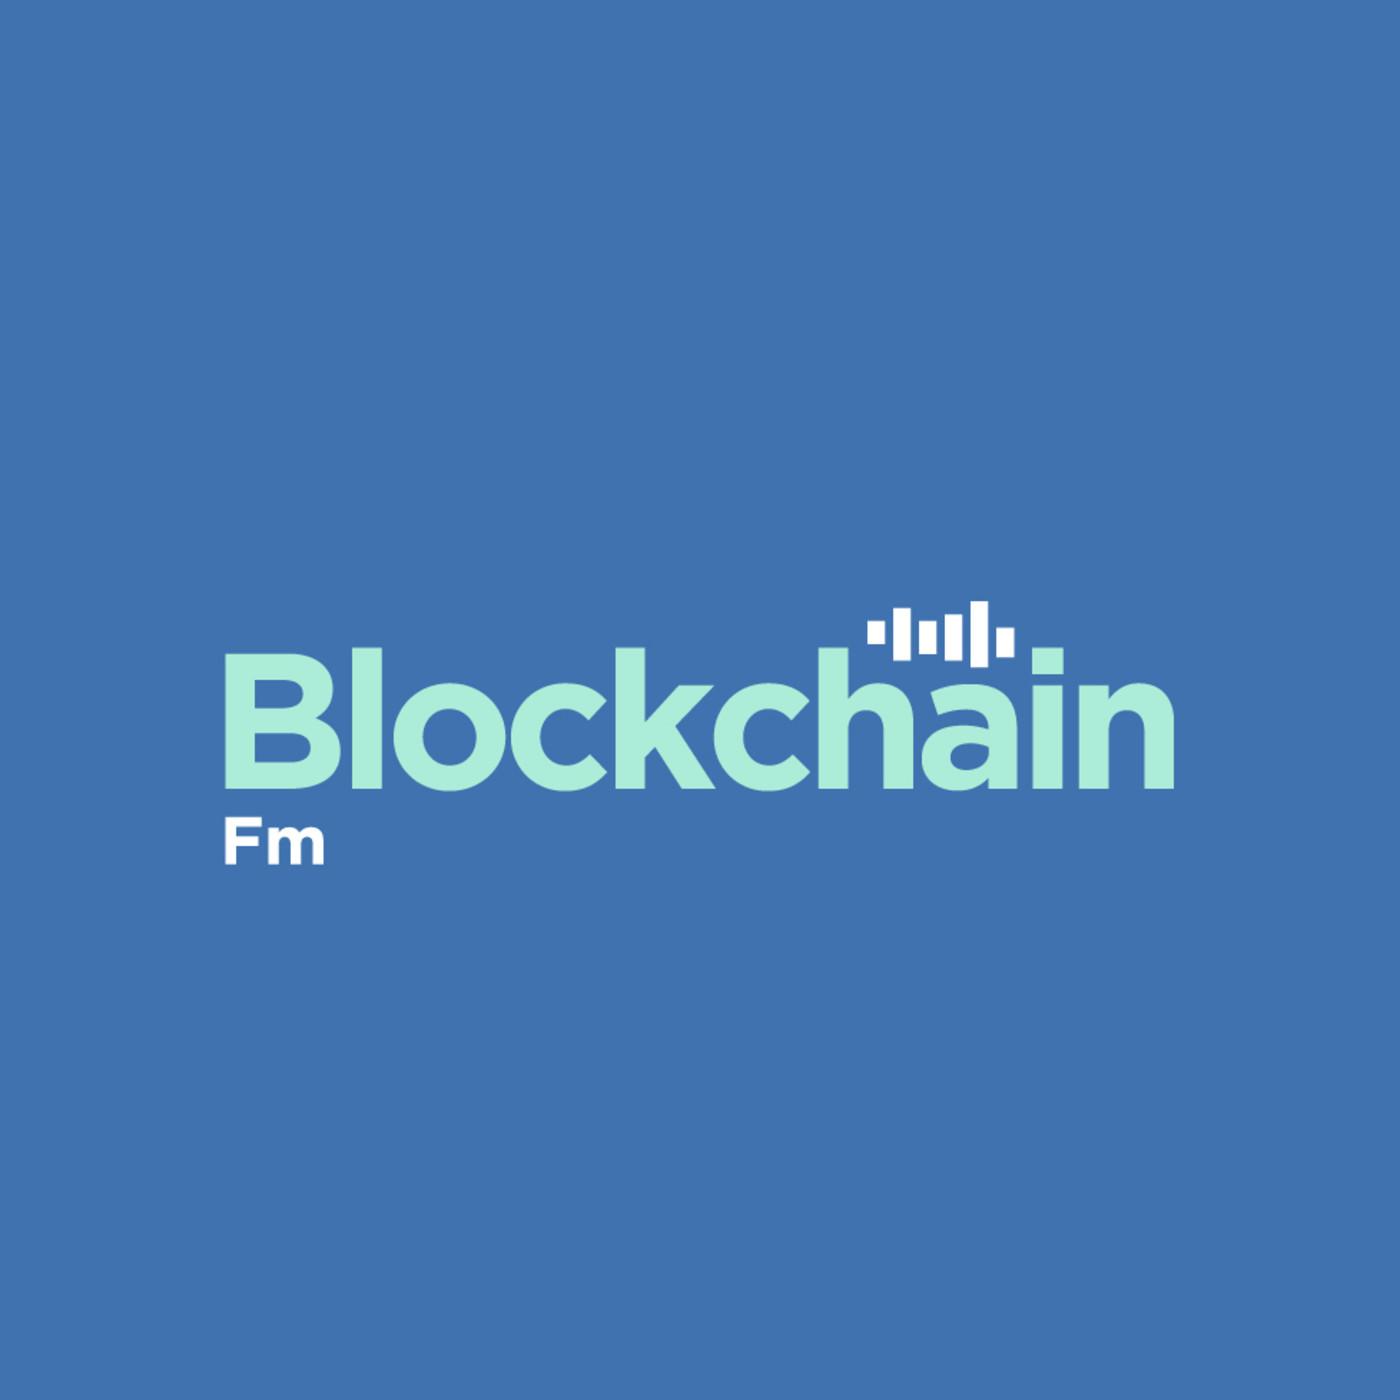 Impacto social, desarrollo sostenible y blockchain con Iñigo Molero de EthicHub